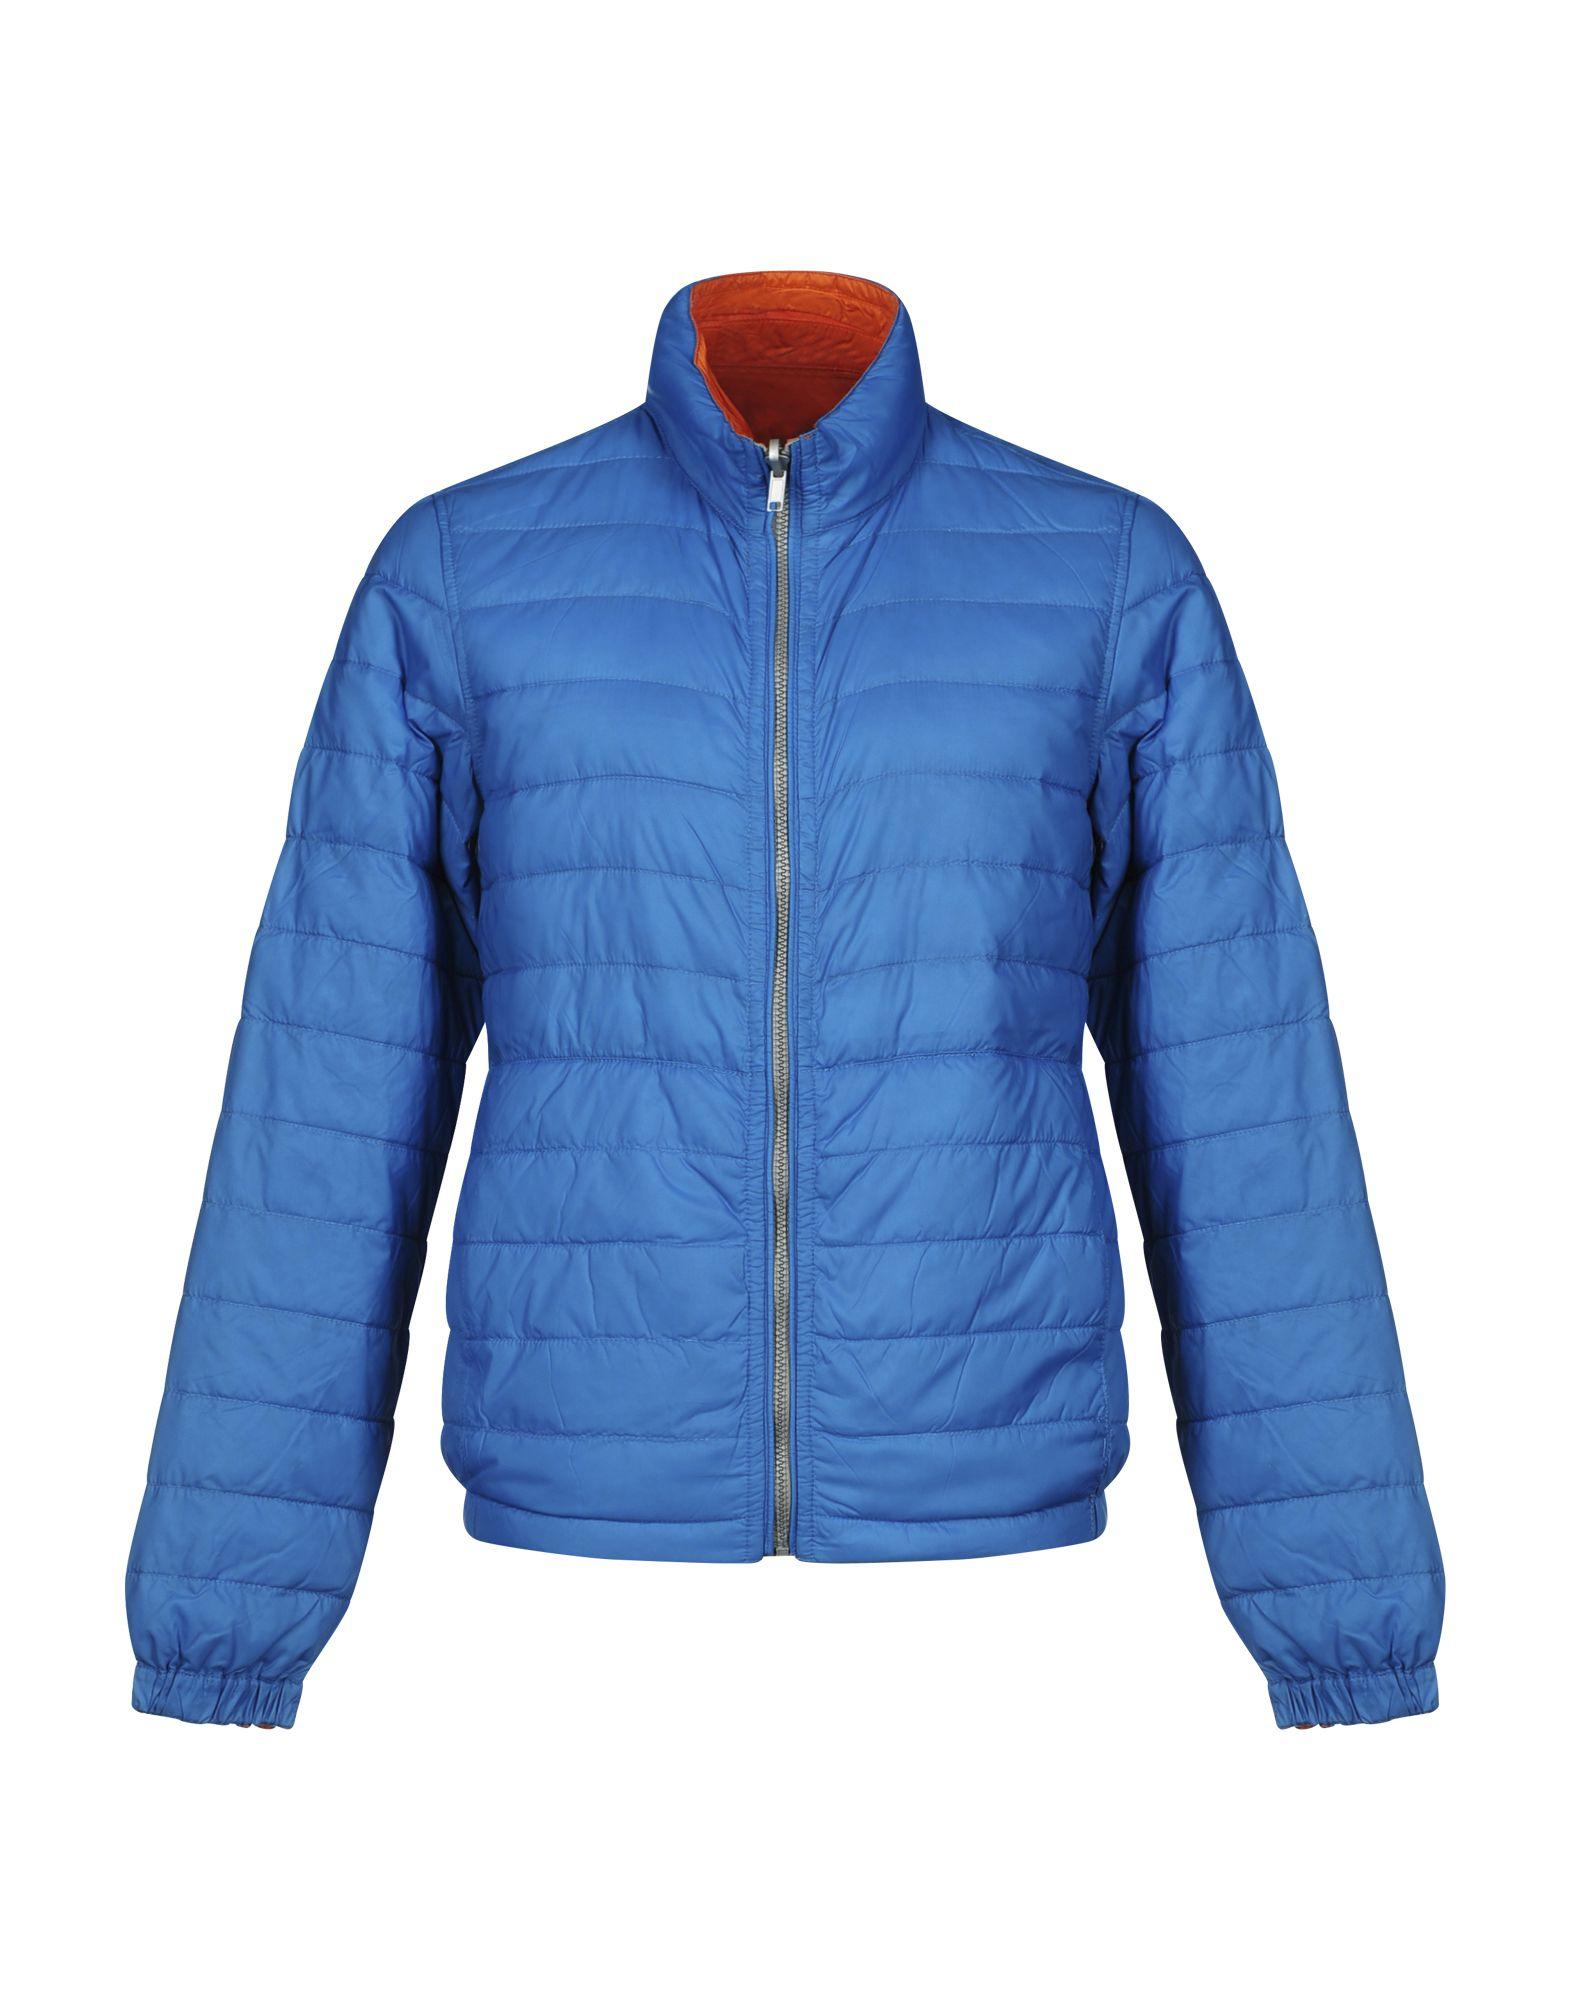 ESEMPLARE Down Jacket in Azure